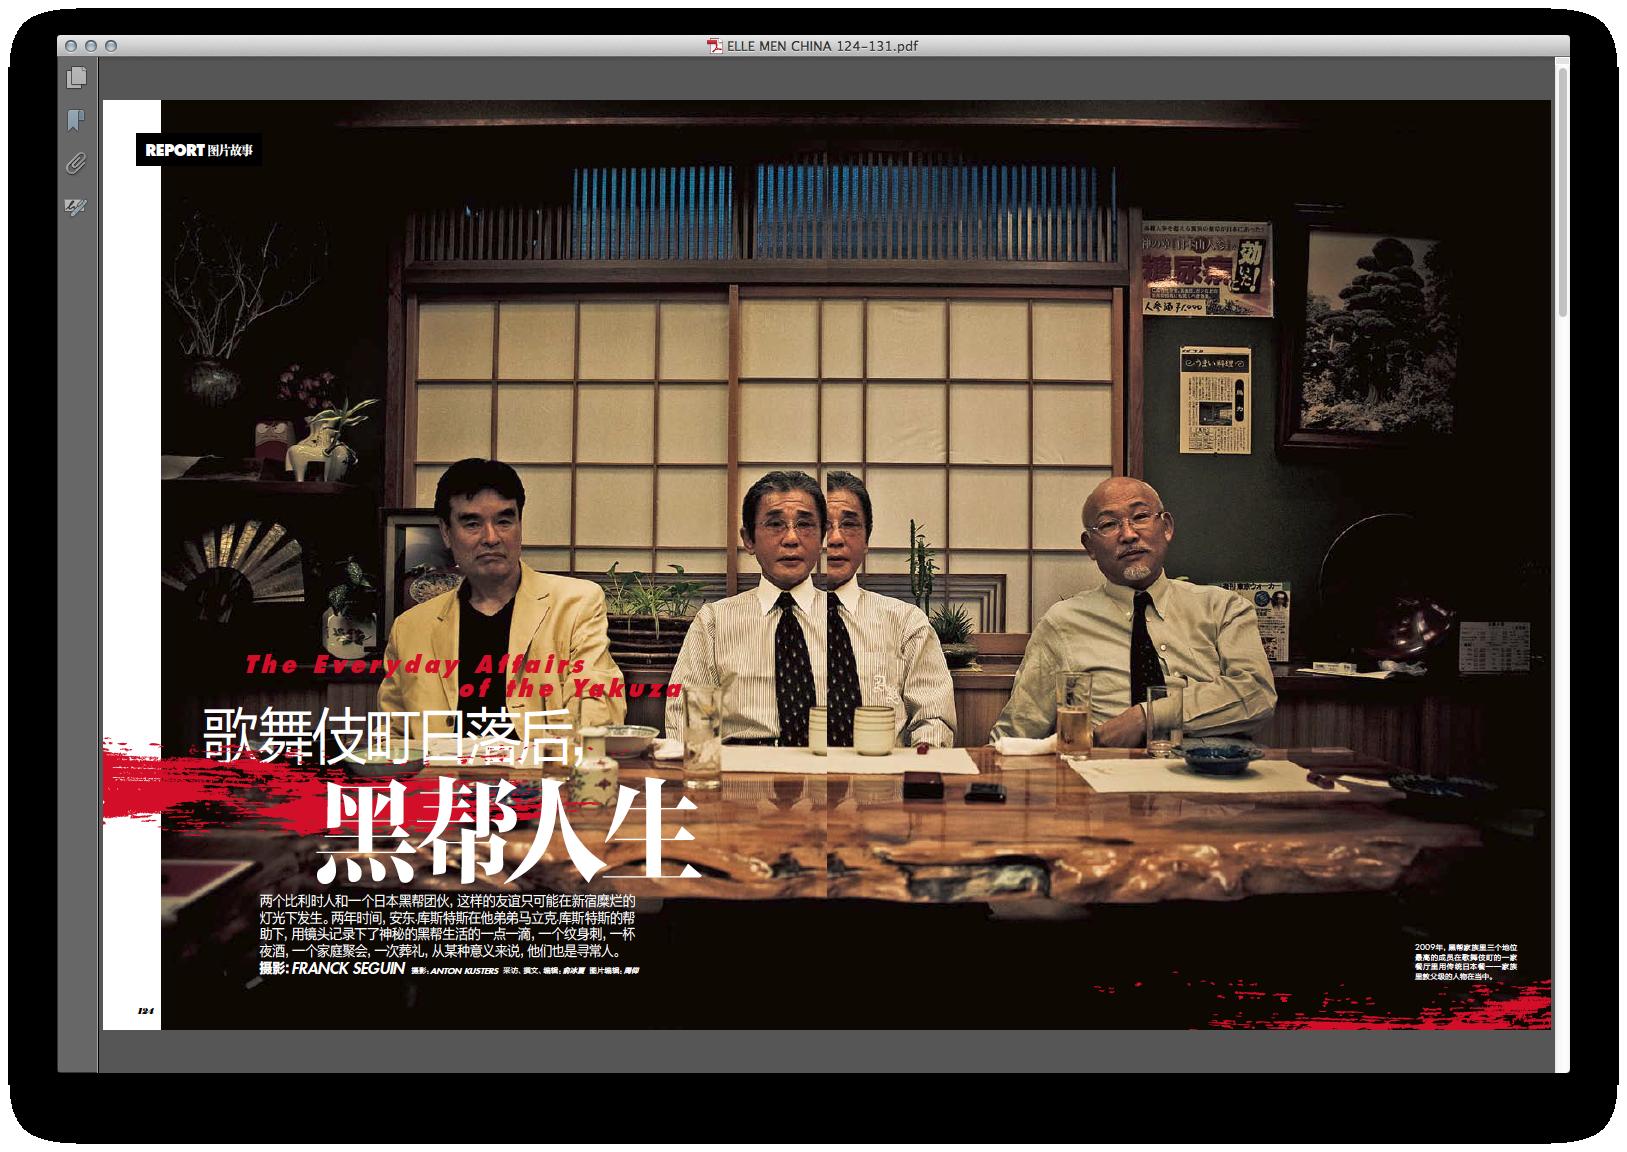 Screen-Shot-2012-05-07-at-21.14.02.png